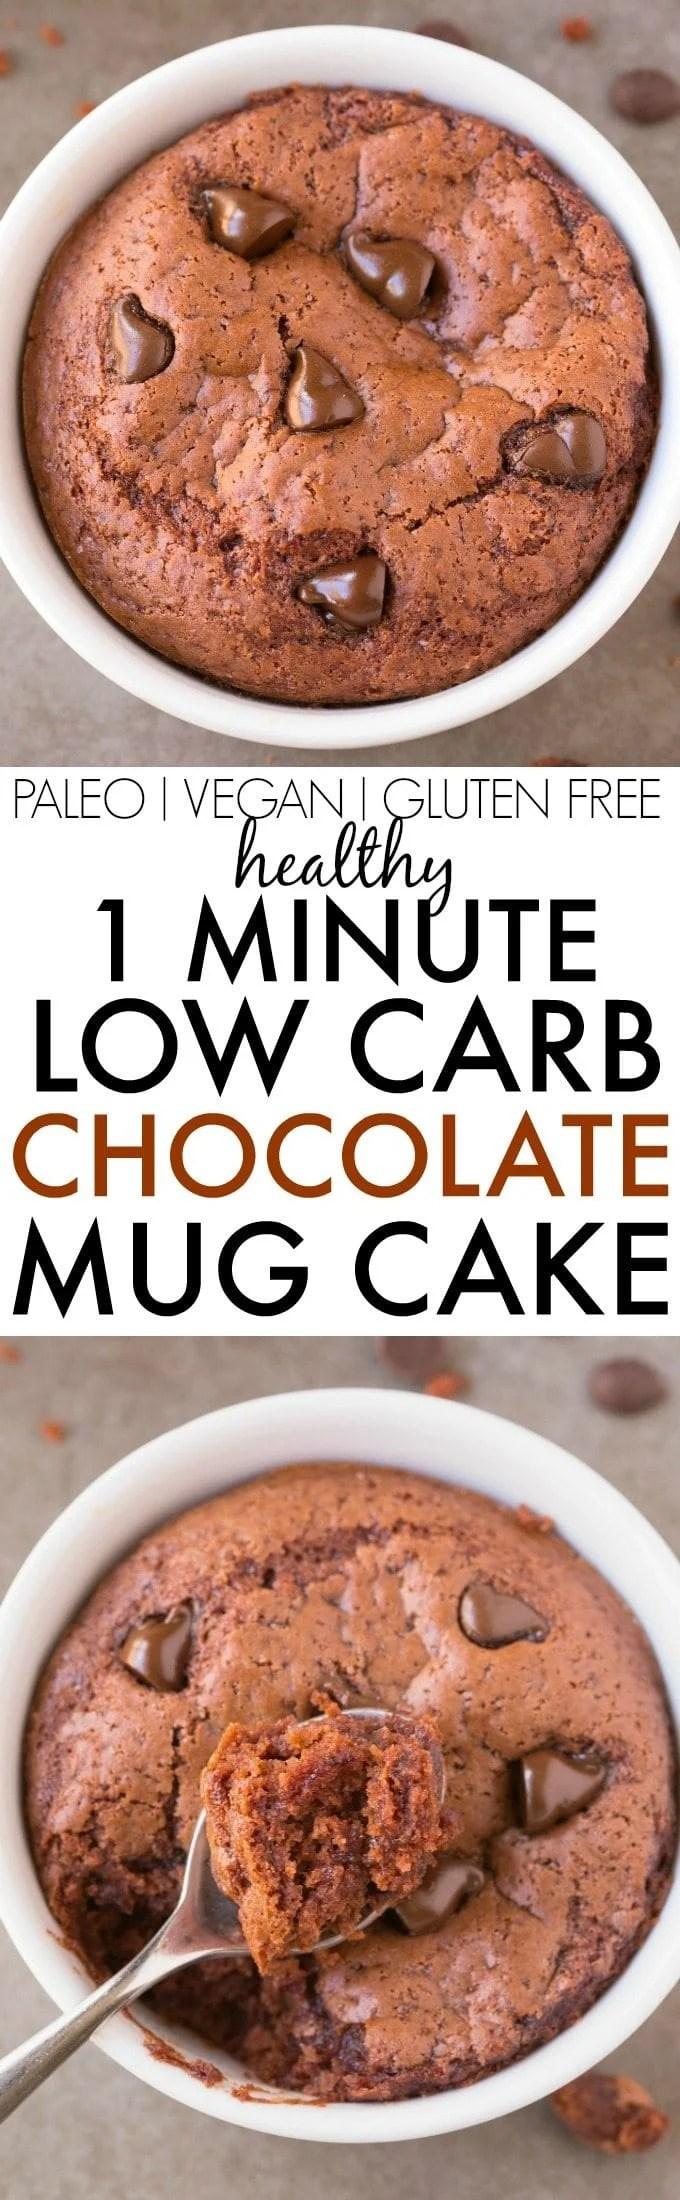 Paleo Chocolate Mug Cake No Egg